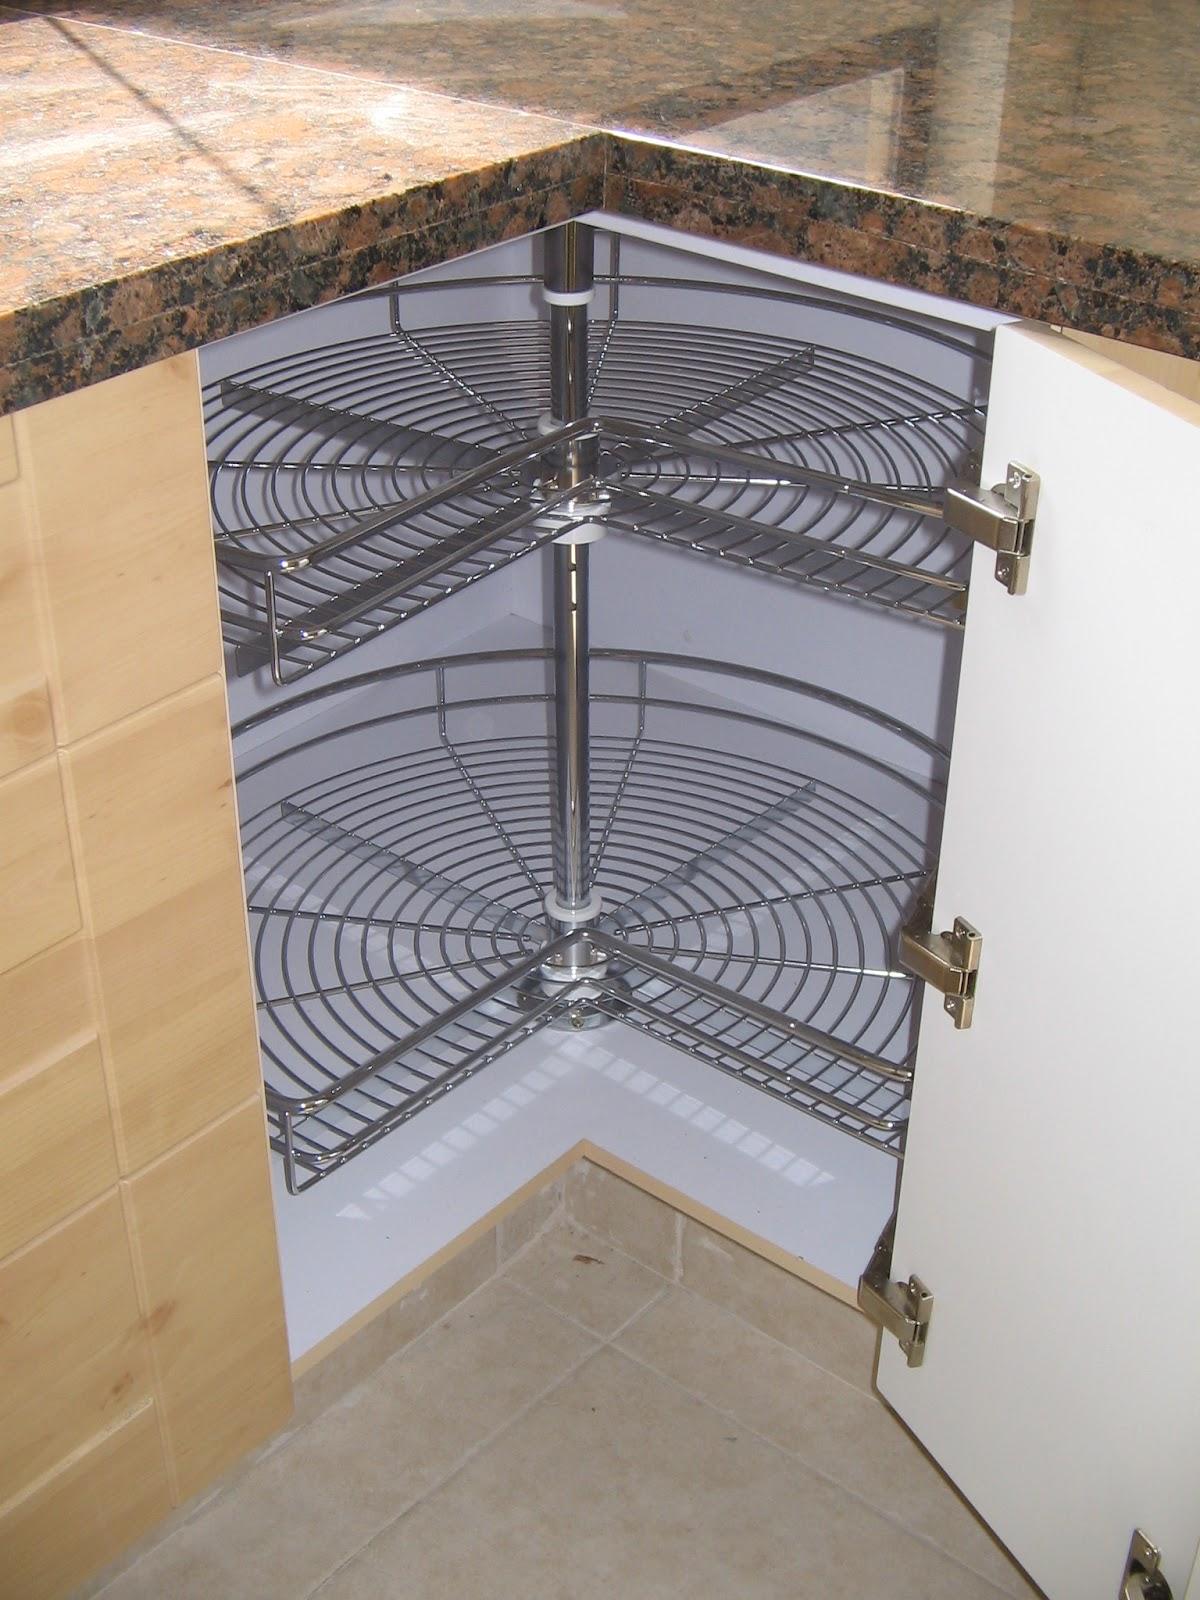 Arquitectura en cocinas organizacion en la cocina - Mueble rinconera cocina ...